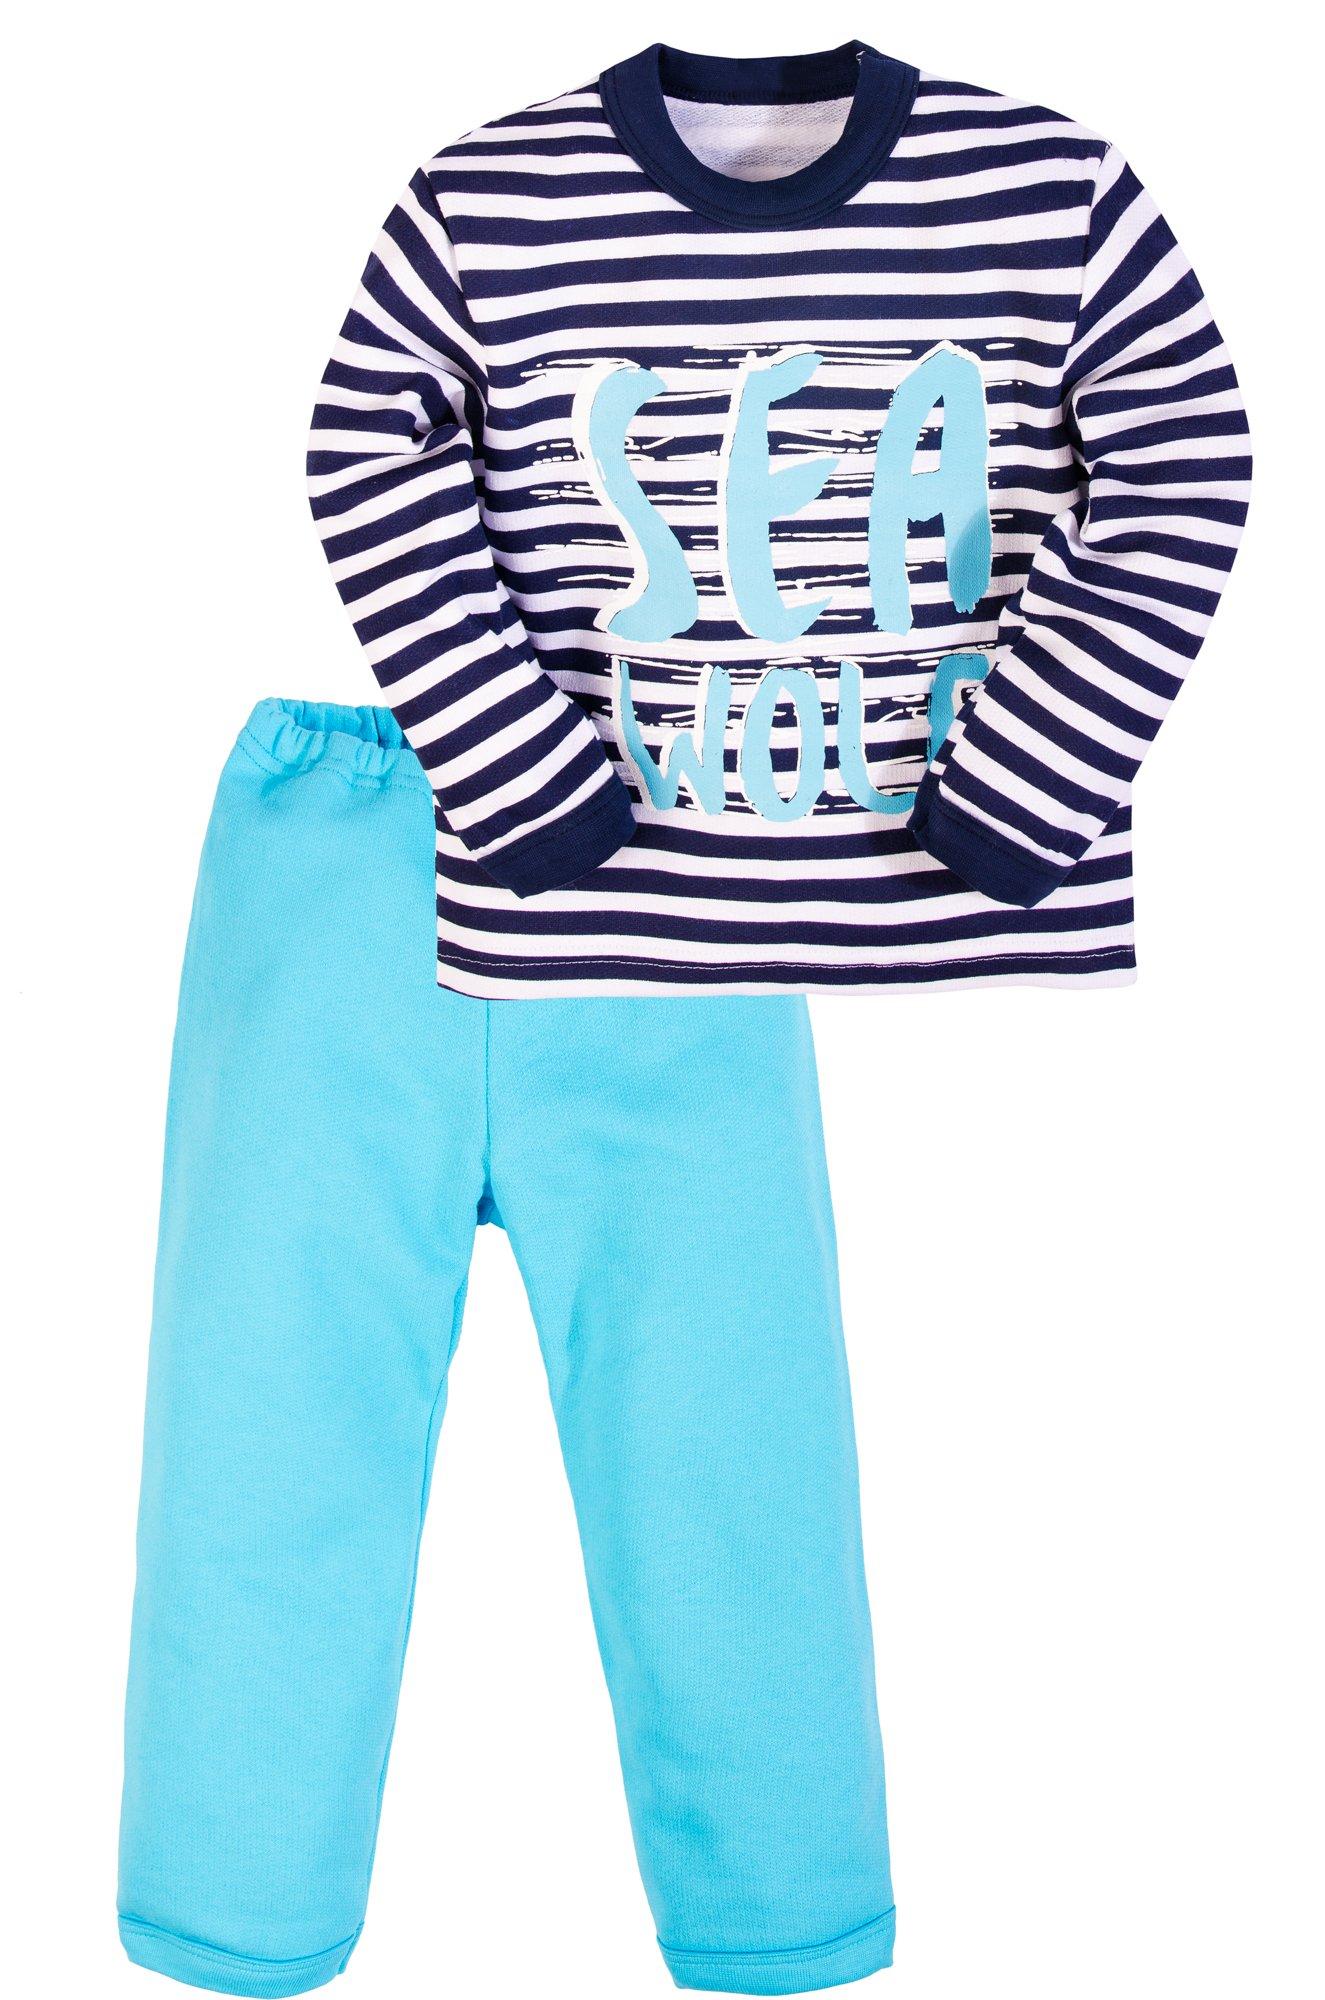 Пижама для мальчика Свiтанак купить оптом в интернет-магазине ... 9c804f3a17783